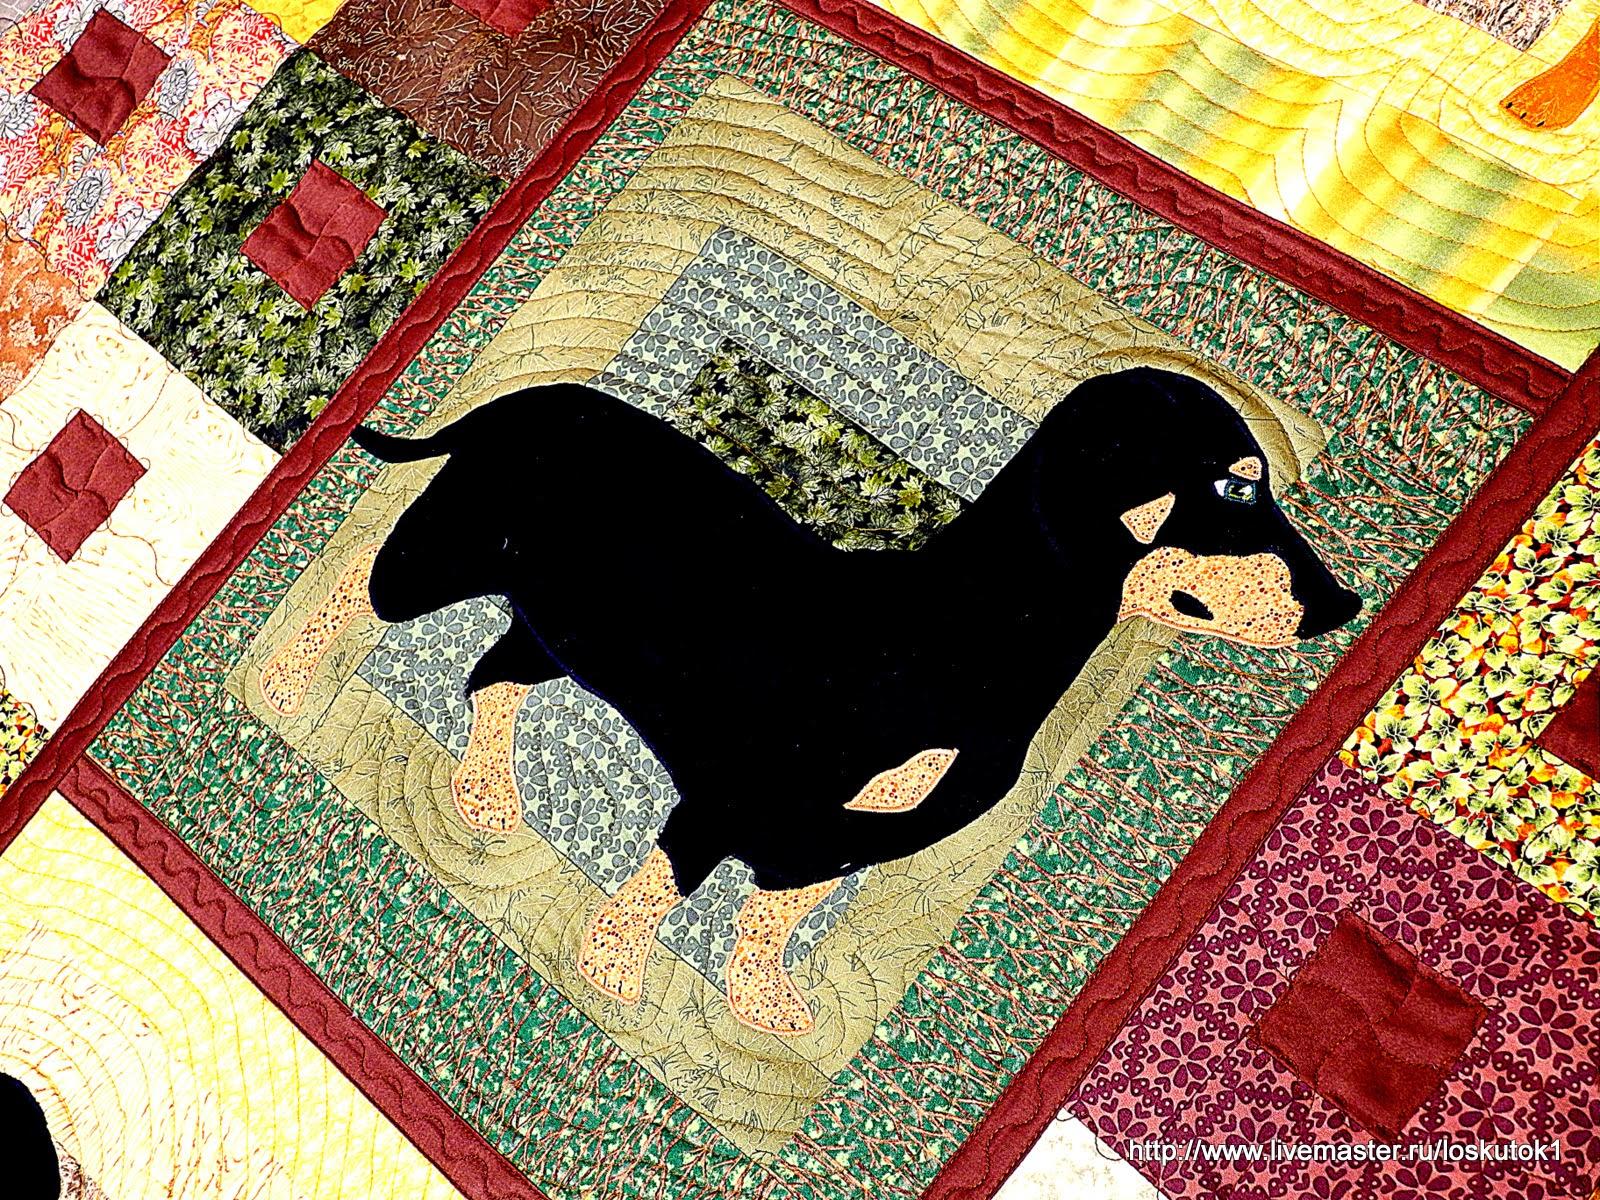 Сошью под заказ лоскутное одеяло, лоскутное покрывало, лоскутный плед и другие изделия ручной работы в технике пэчворк с использованием лоскутной аппликации.  Эту и другие мои работы можно заказать и купить здесь: http://www.livemaster.ru/loskutok1